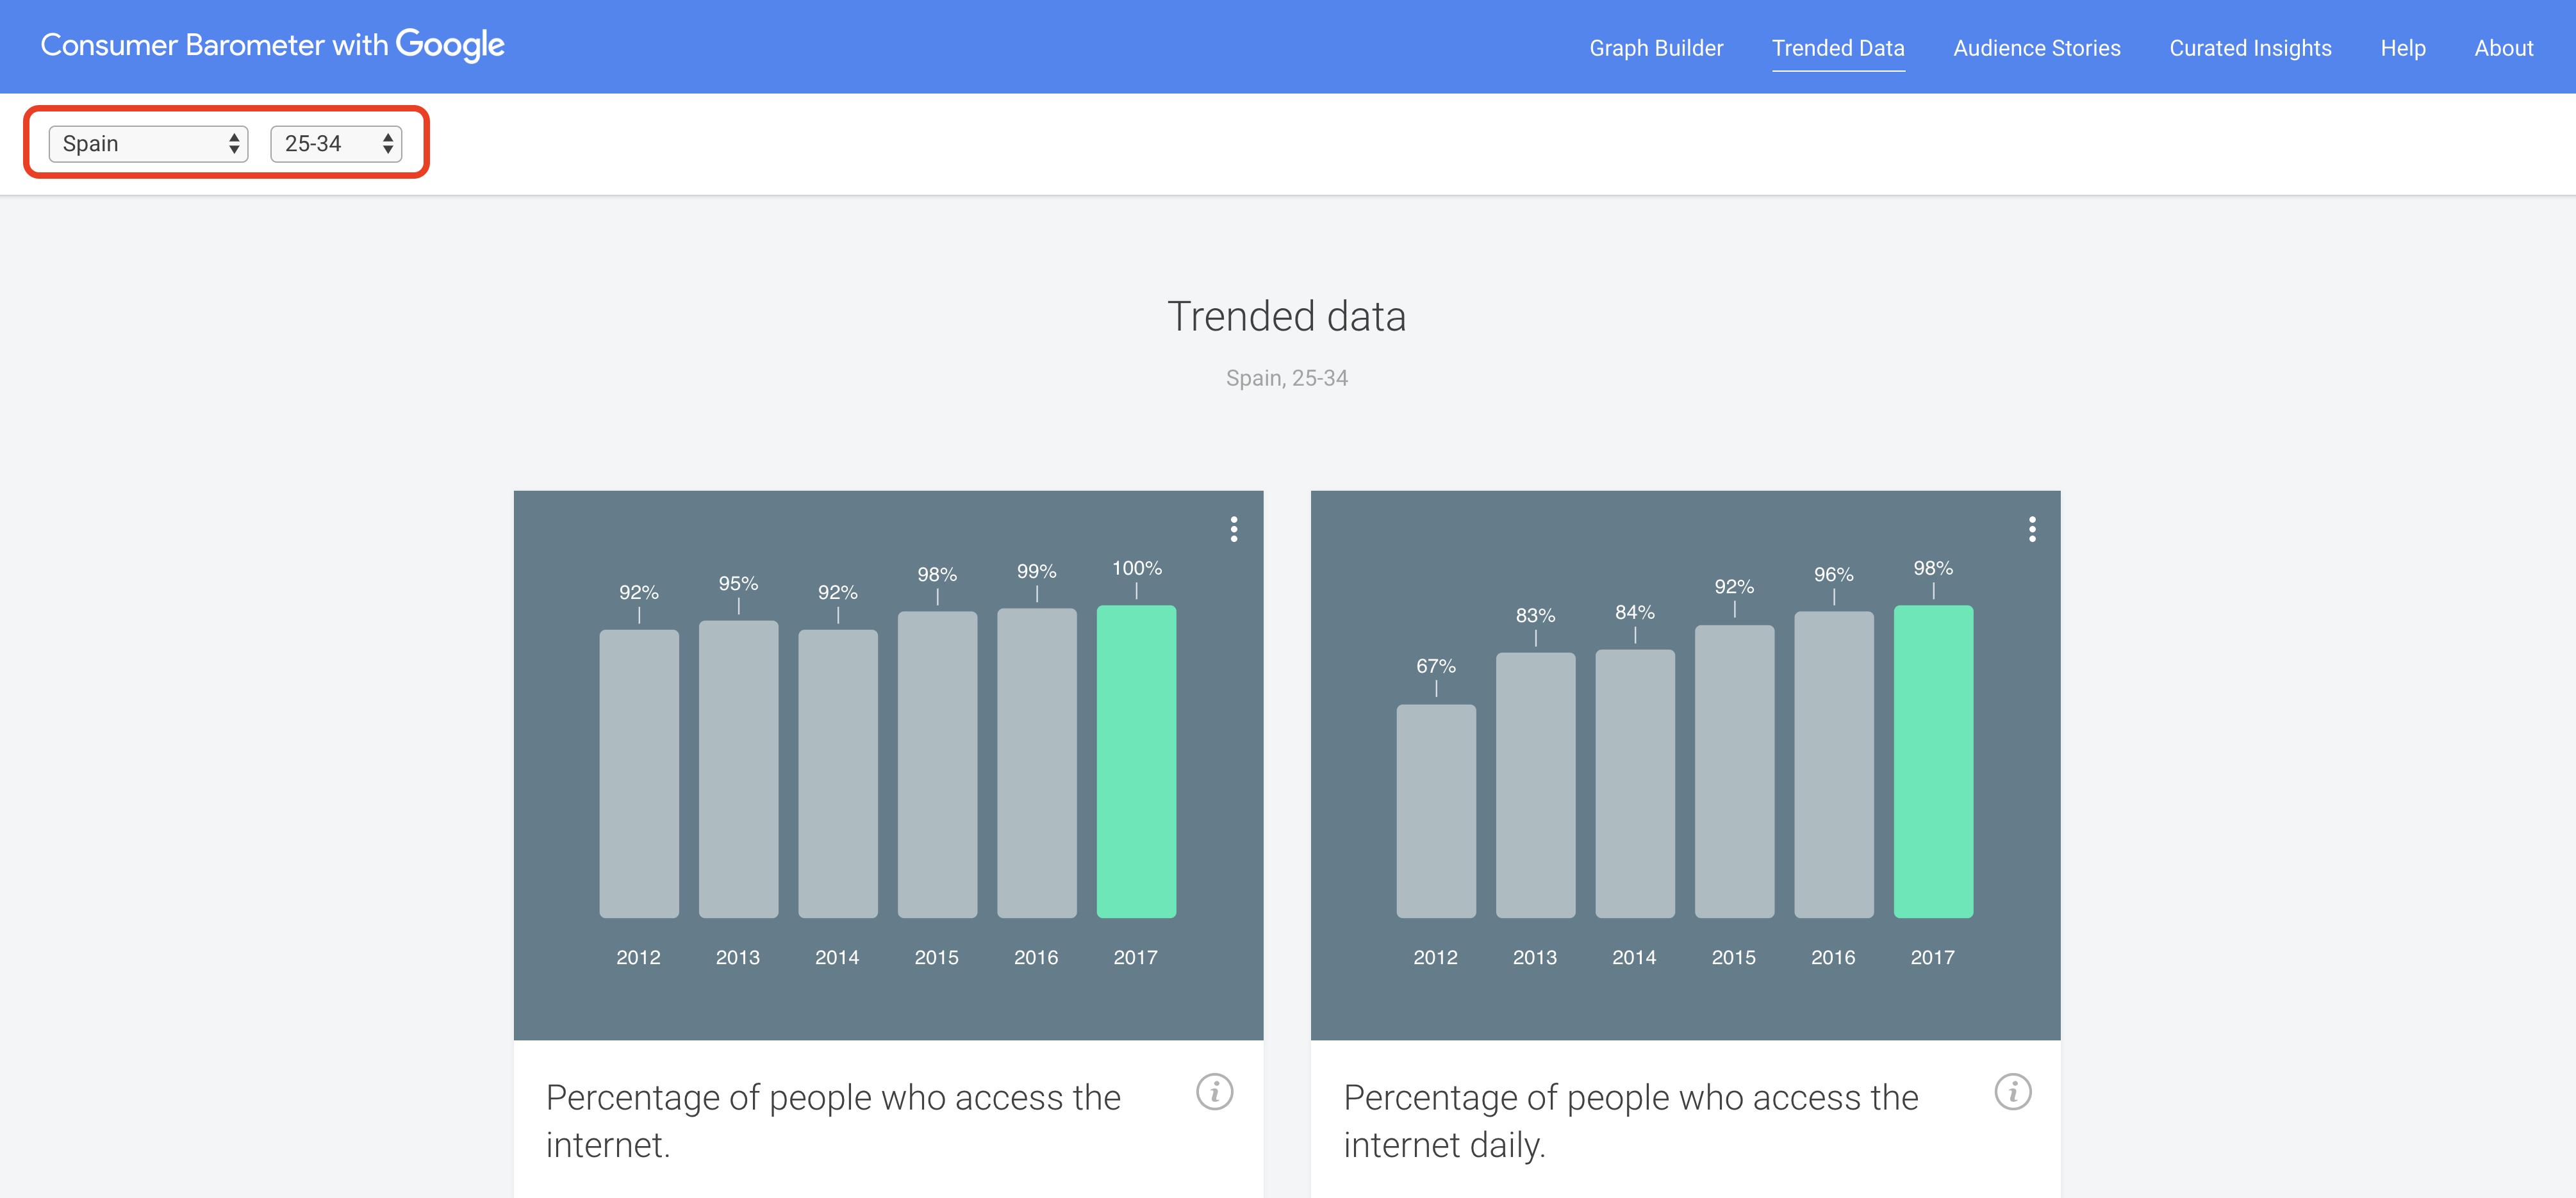 Búsqueda avanzada en Google - Consumer Barometer